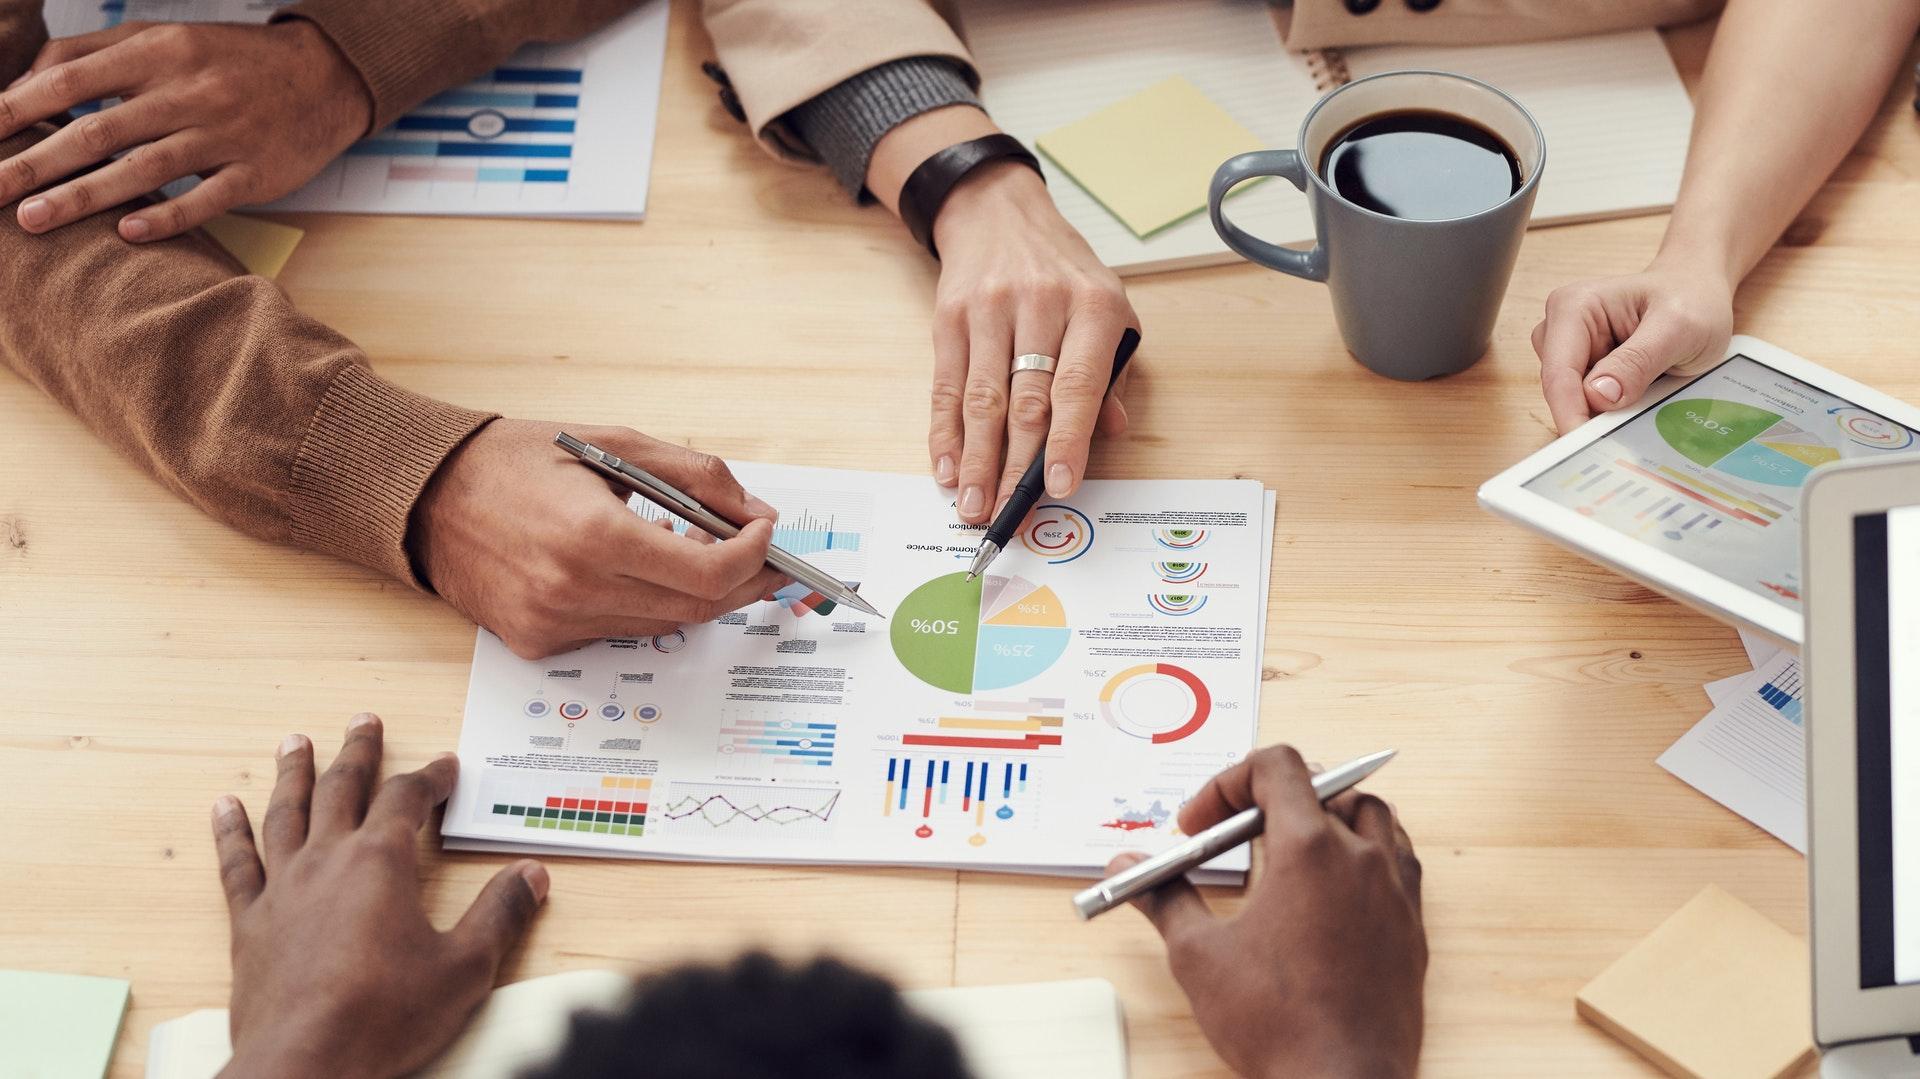 Estruture o setor de marketing de sua empresa com a mentoria em Marketing Digital MaKeiTYourSelf